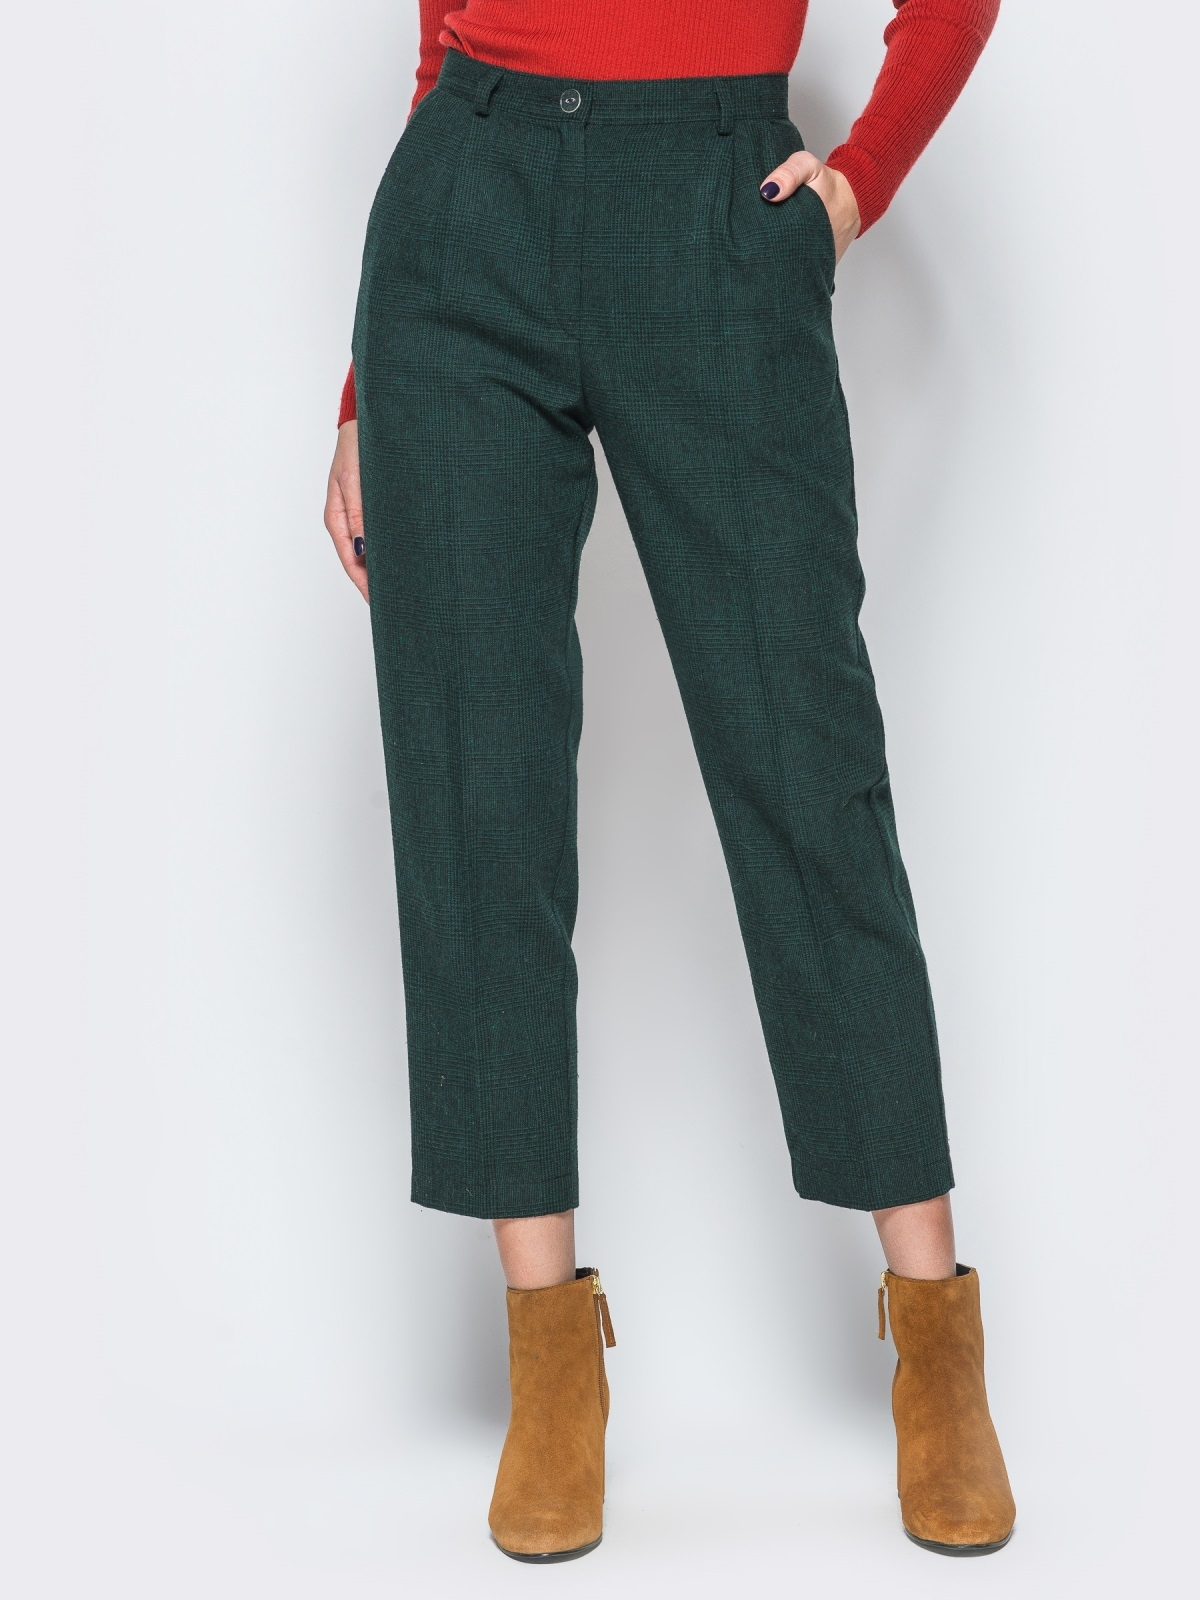 Укороченные зелёные брюки в черную клетку с высокой посадкой - 17666, фото 1 – интернет-магазин Dressa